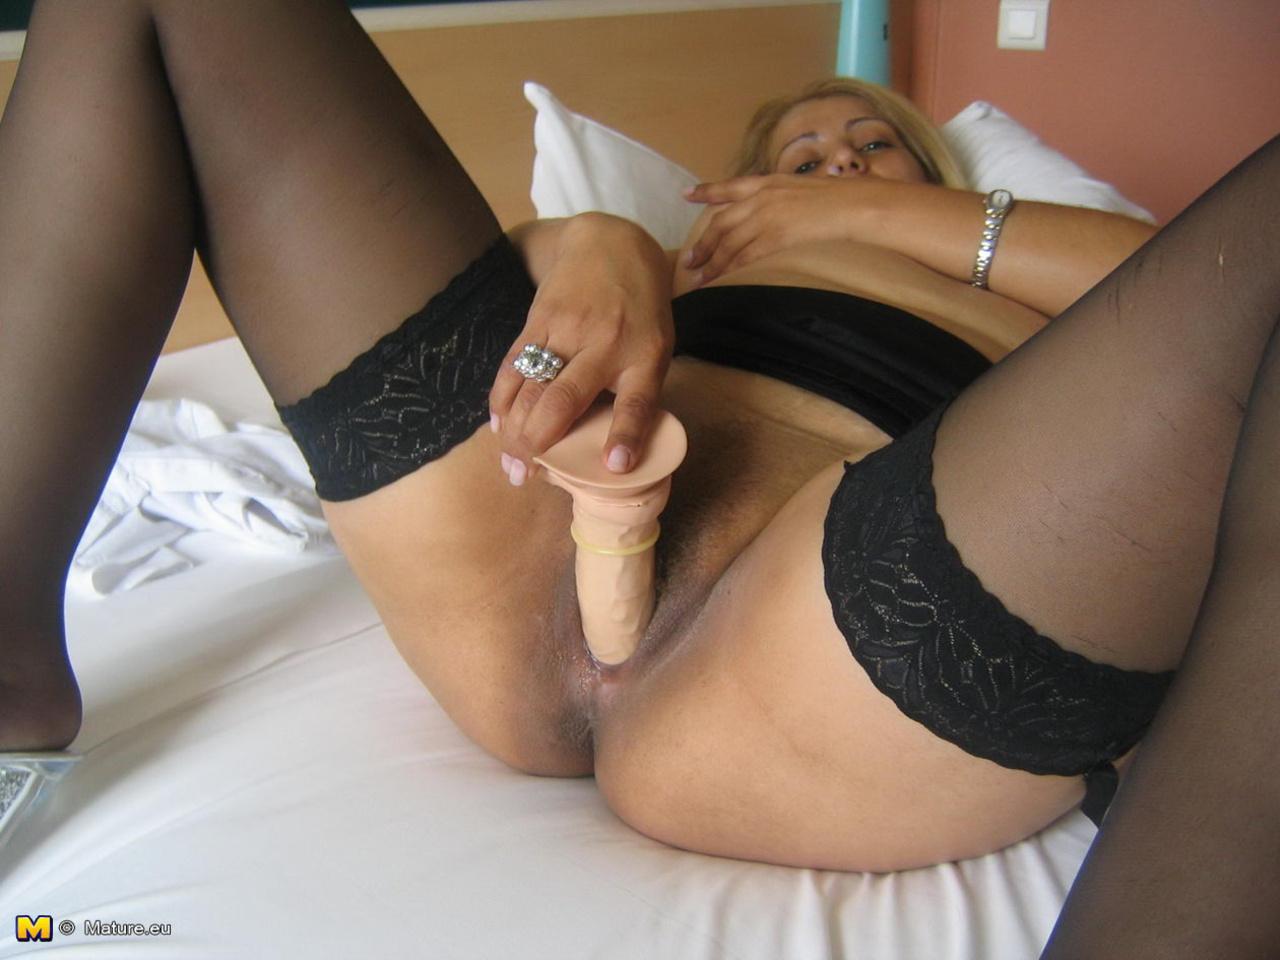 Смотреть фото мастурбация в чулках, Блондинка в чулках мастурбирует свою писю - фото 6 фотография